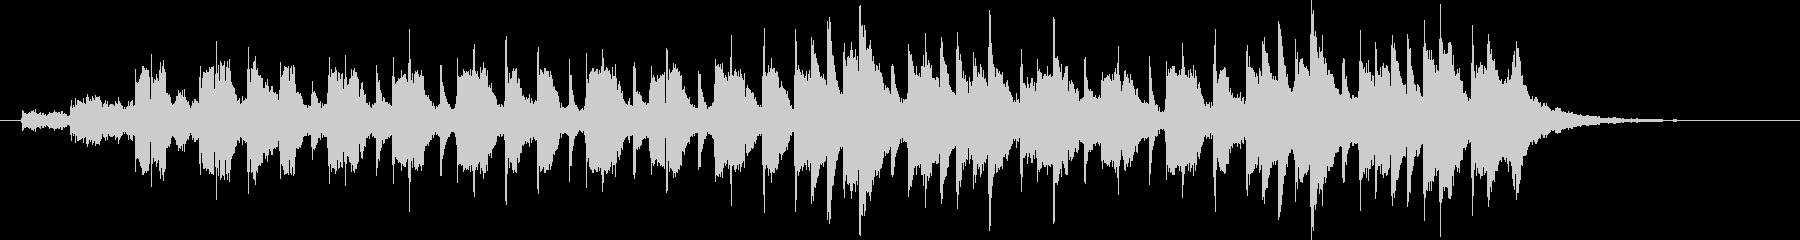 神秘的でゆったりとしたピアノジングルの未再生の波形